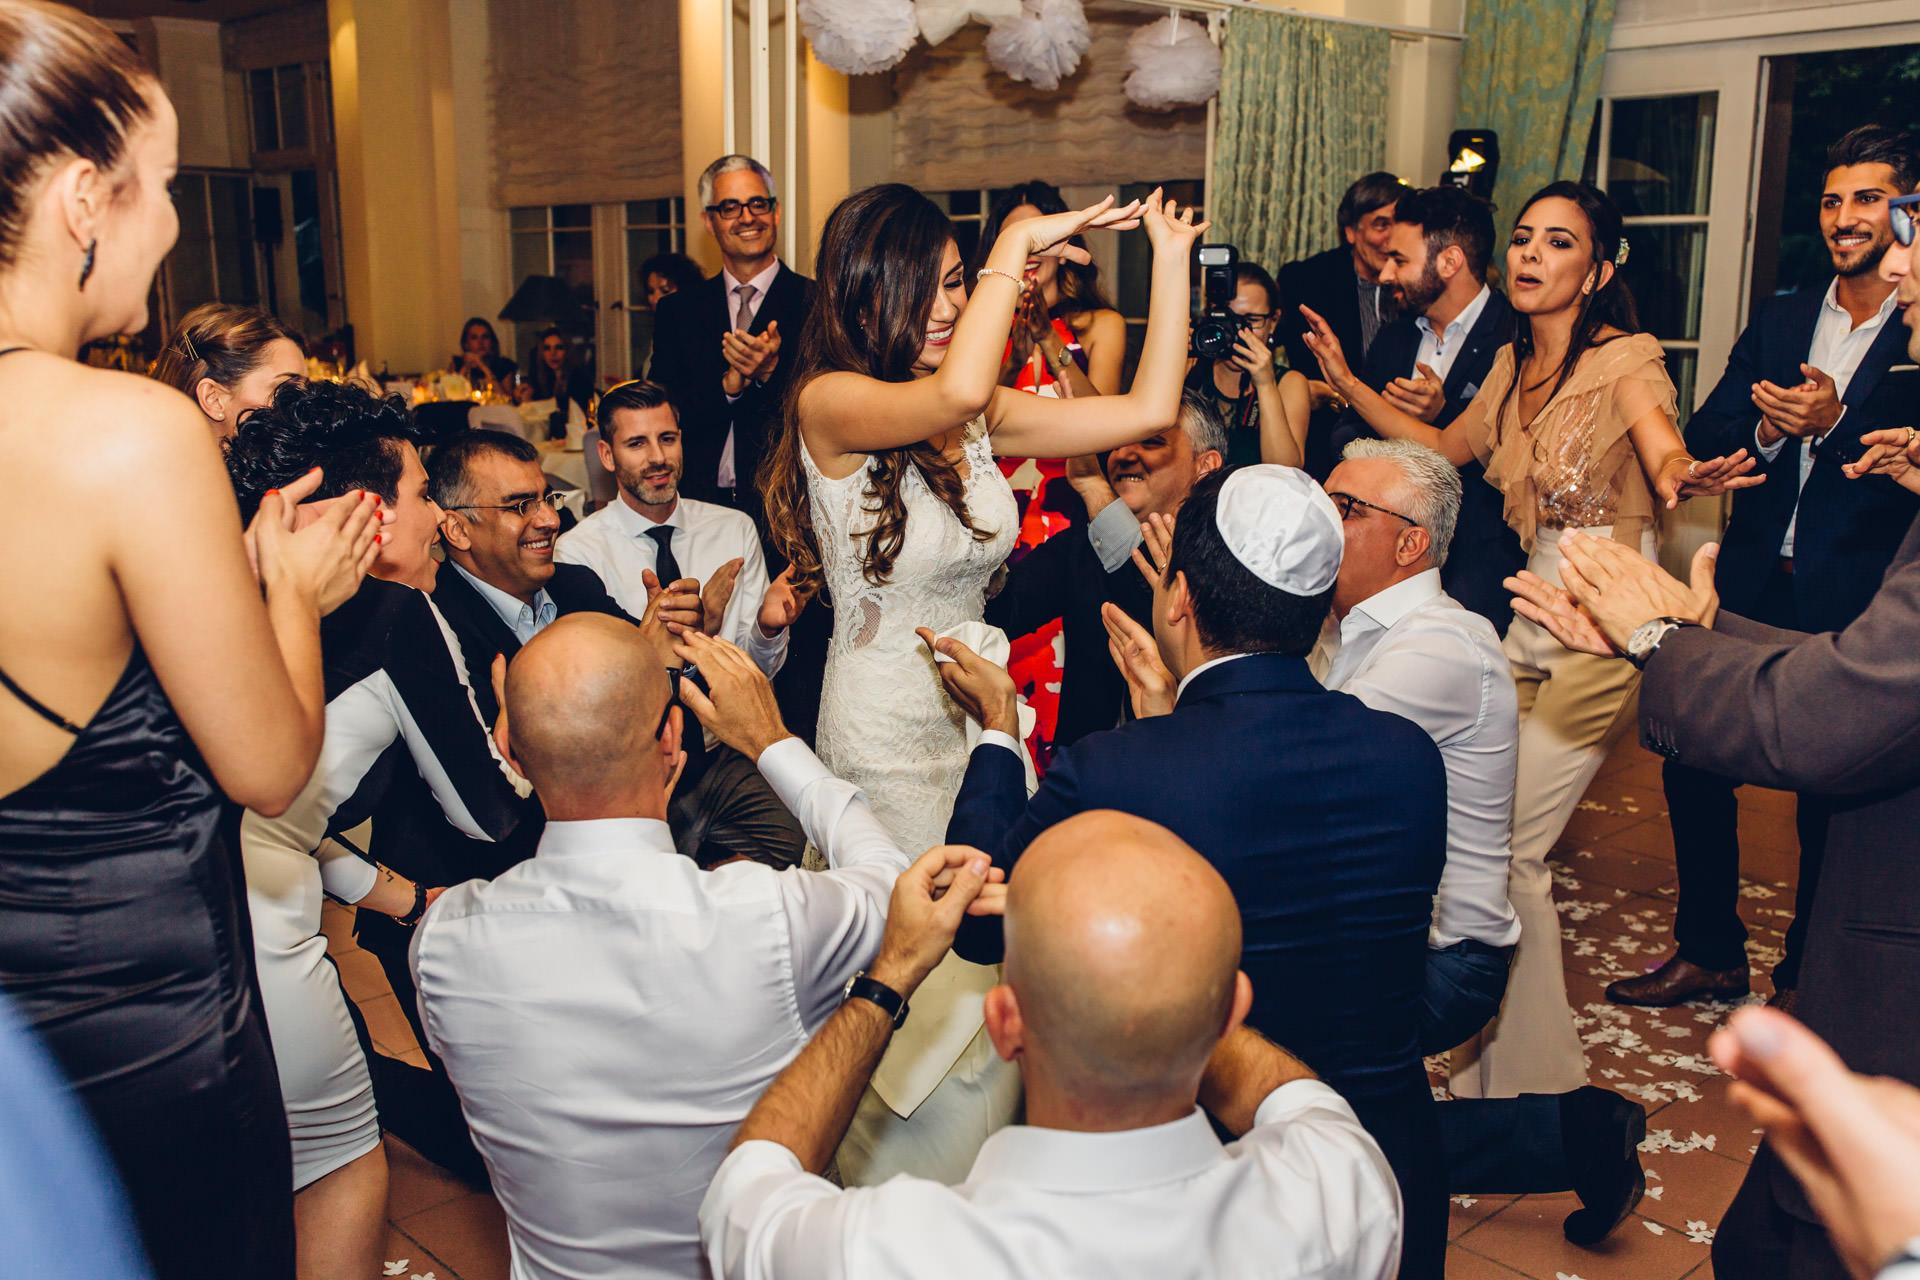 Jüdische Hochzeit Bad Homburg